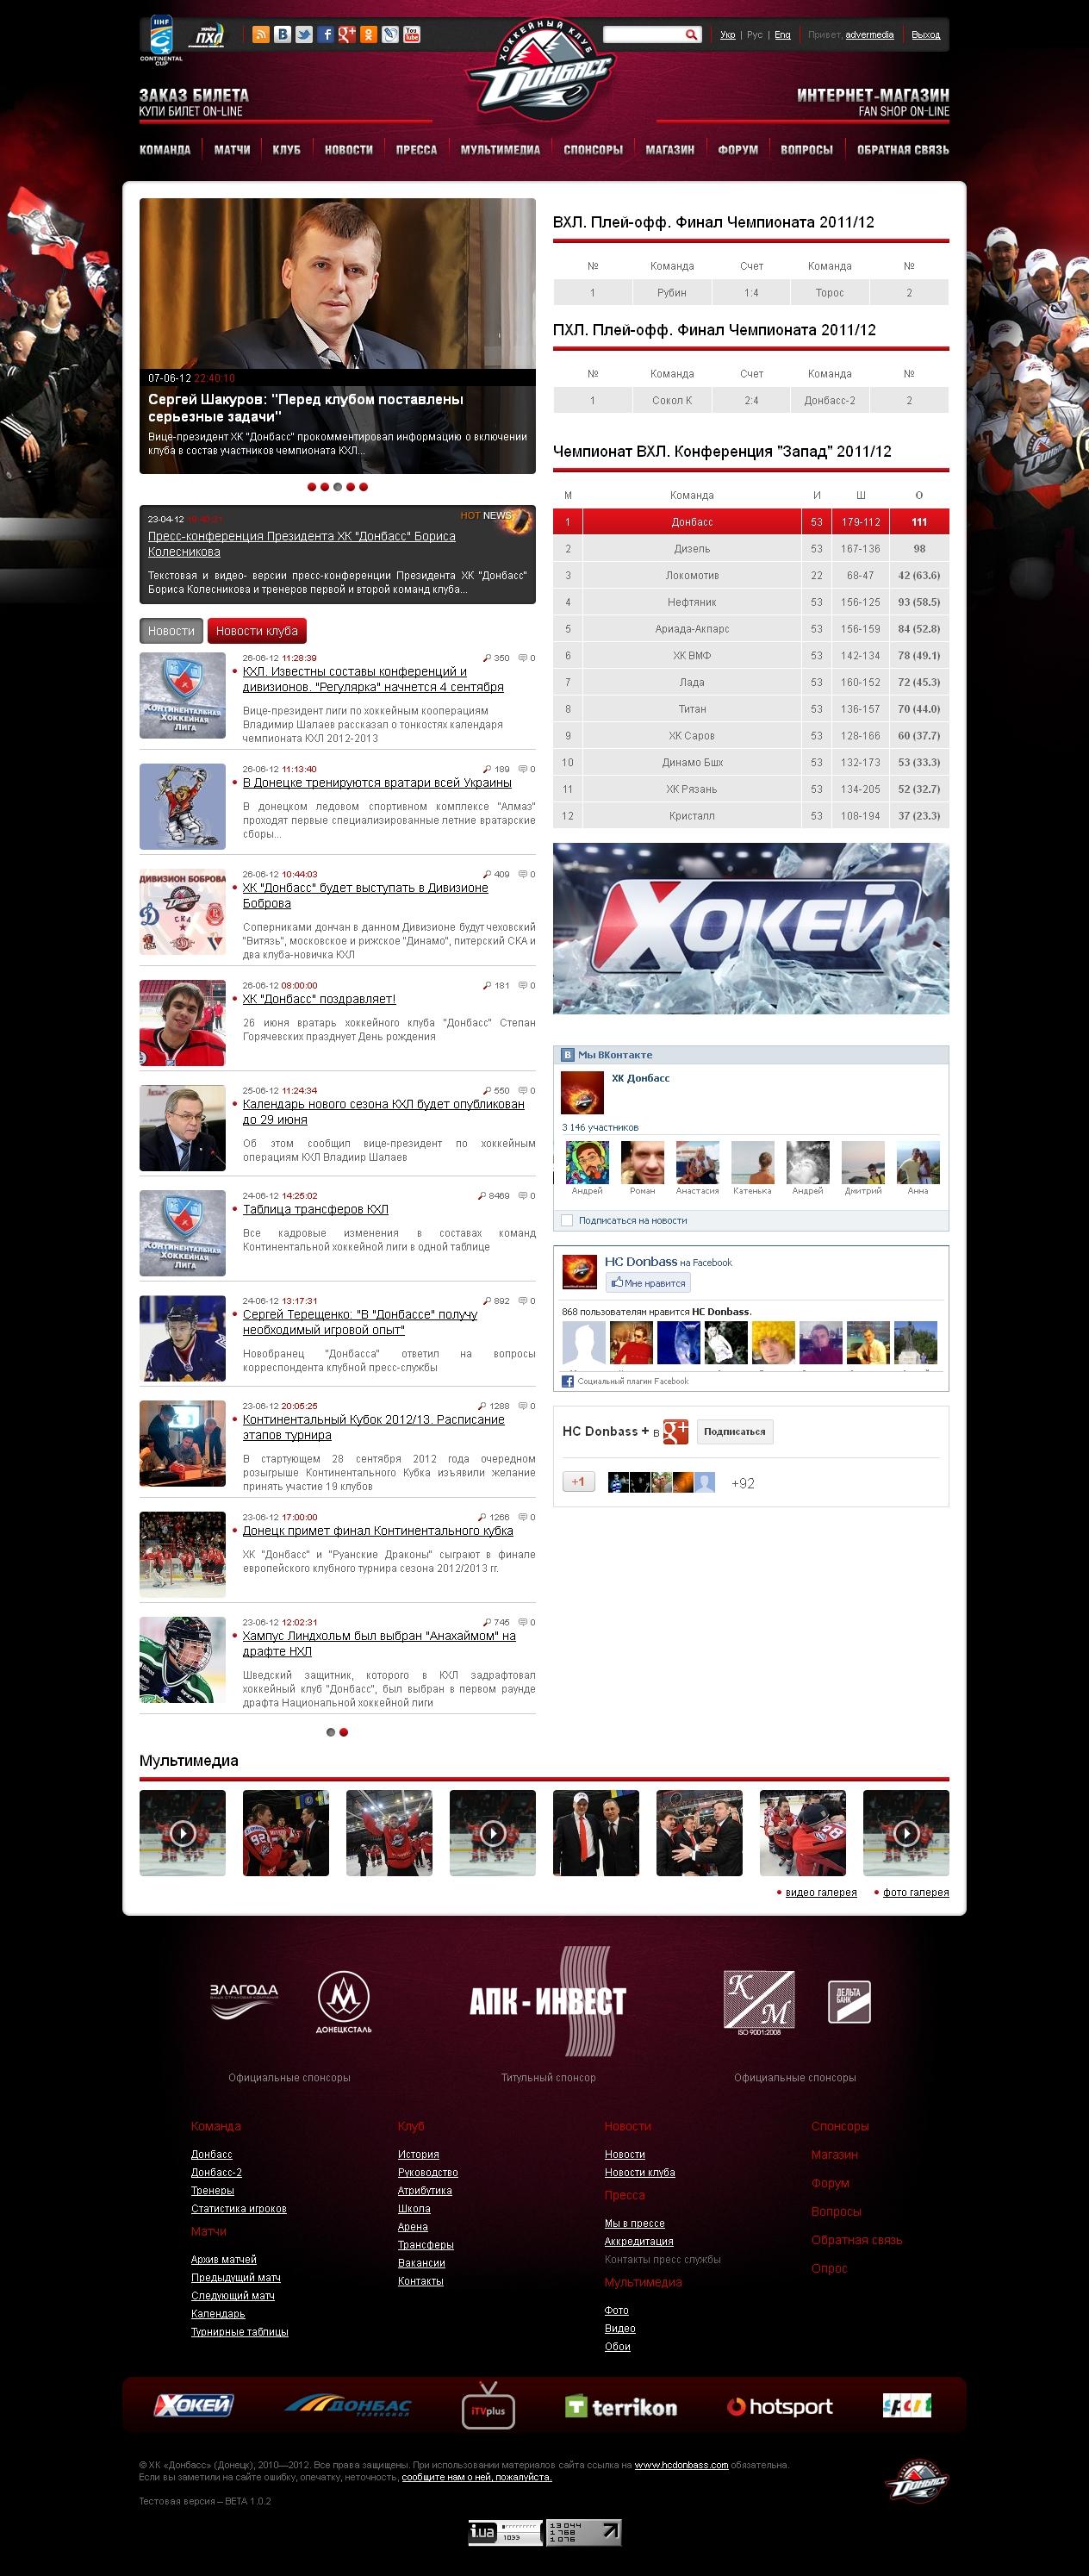 ХК Донбасс, официальный сайт(доработка, кастомизированный битрикс)